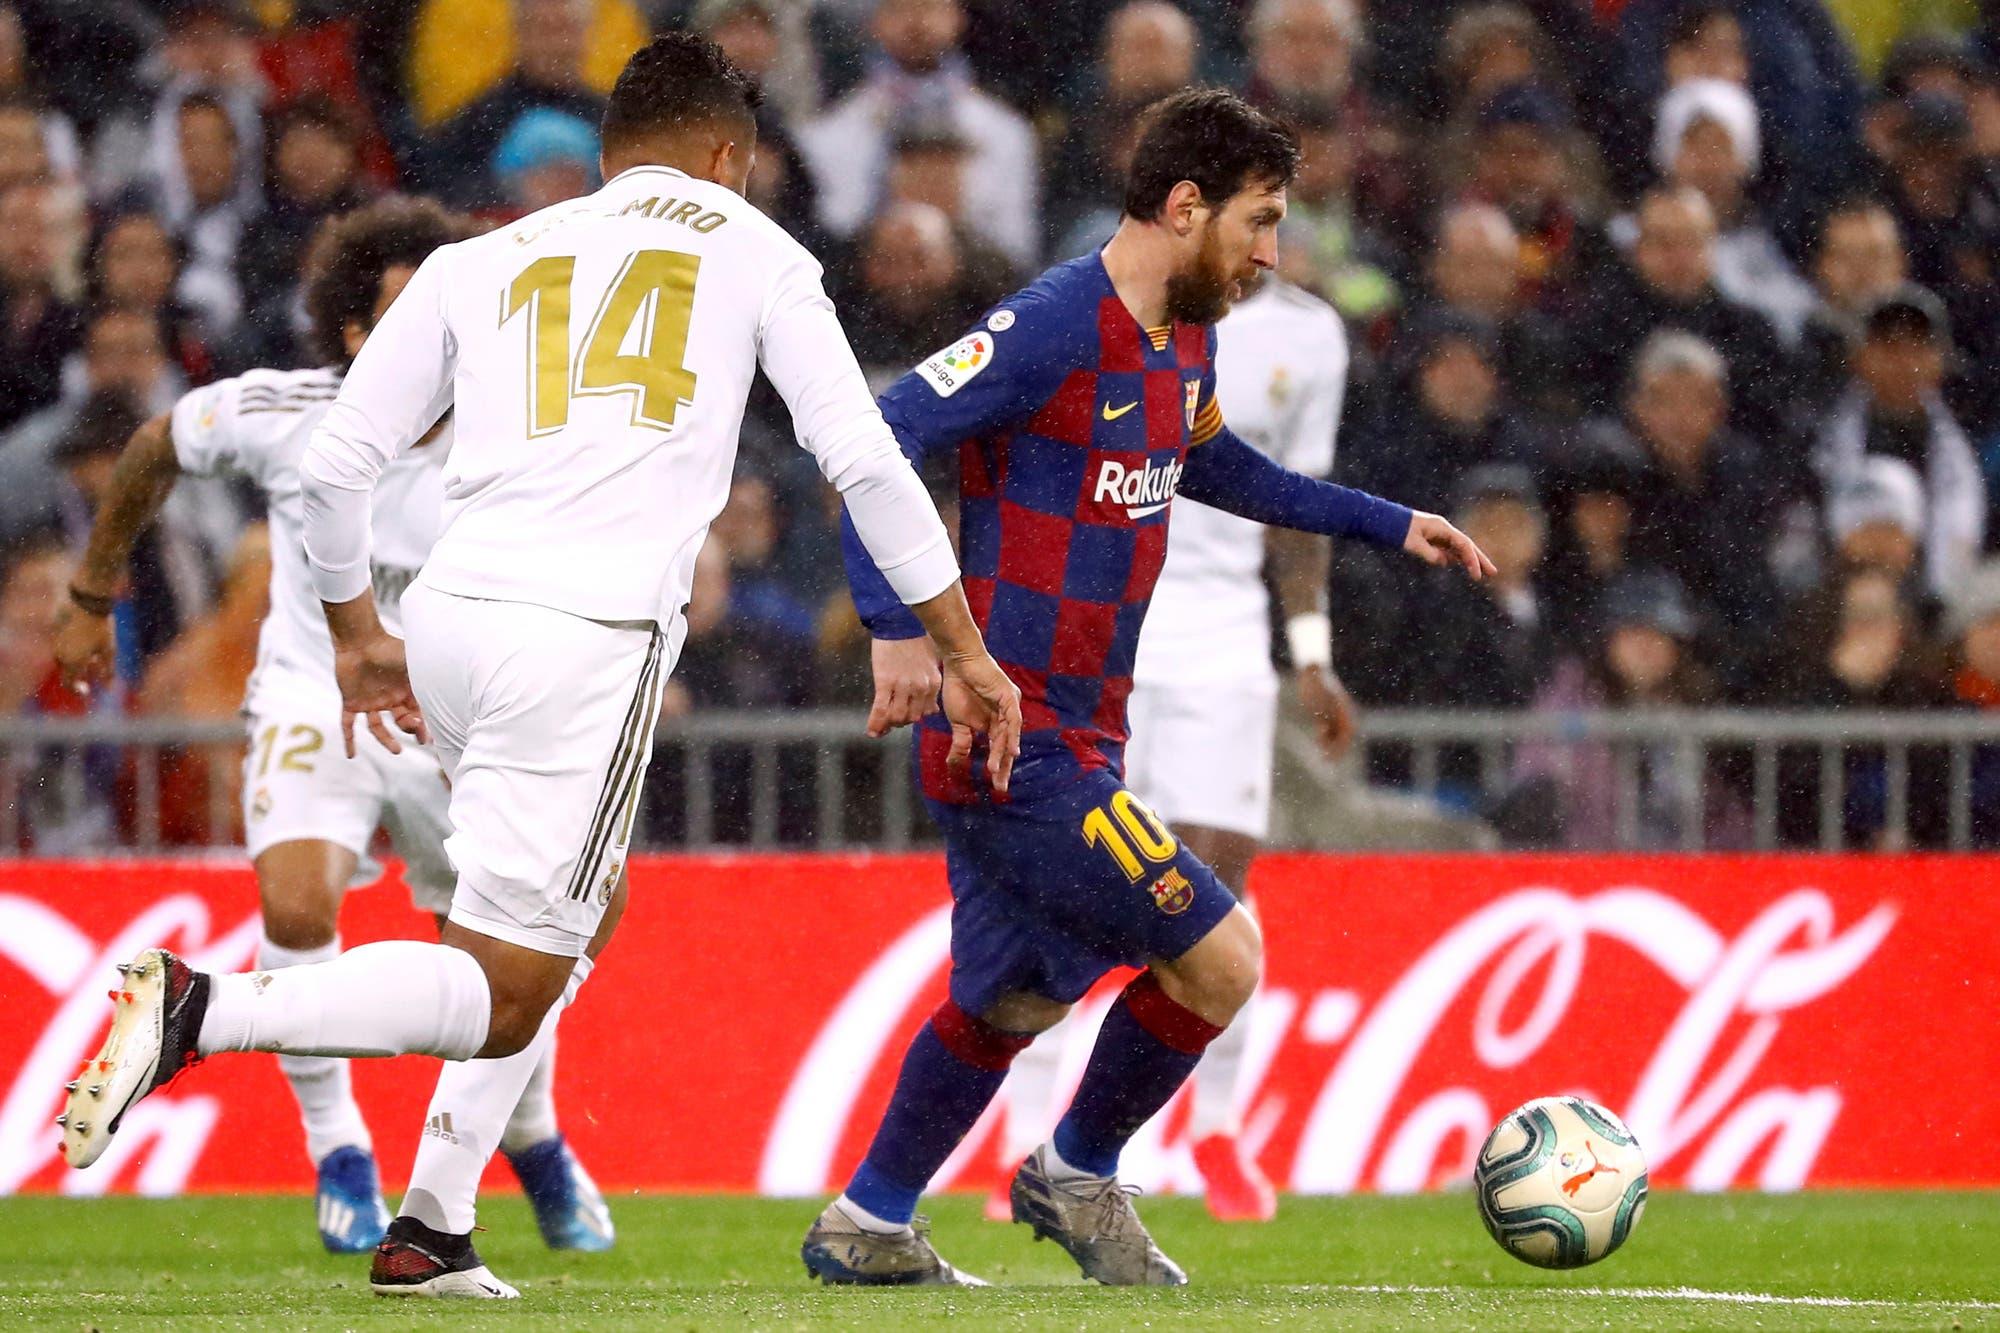 Barcelona-Real Madrid: horario, TV y formaciones de un clásico que puede ser determinante